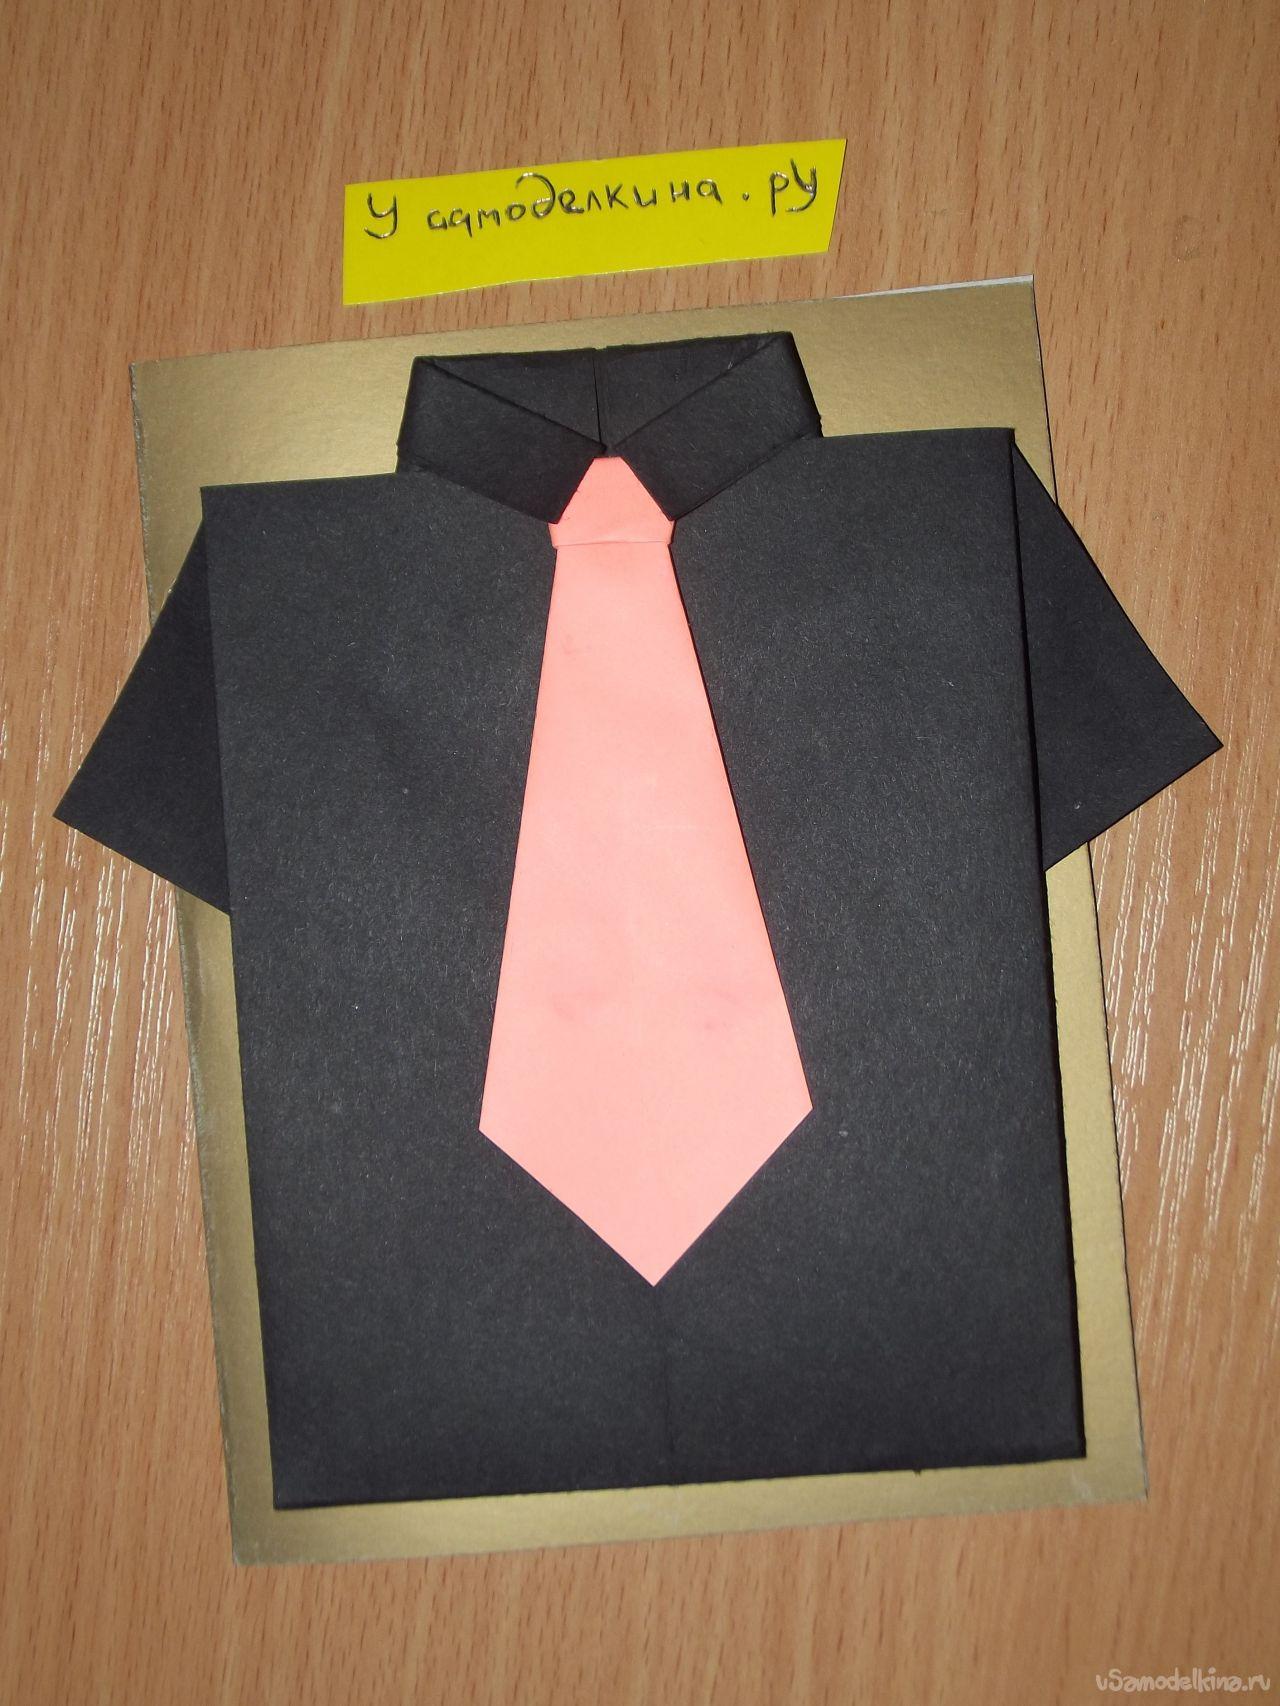 Медработникам картинки, открытки из оригами для мужчин